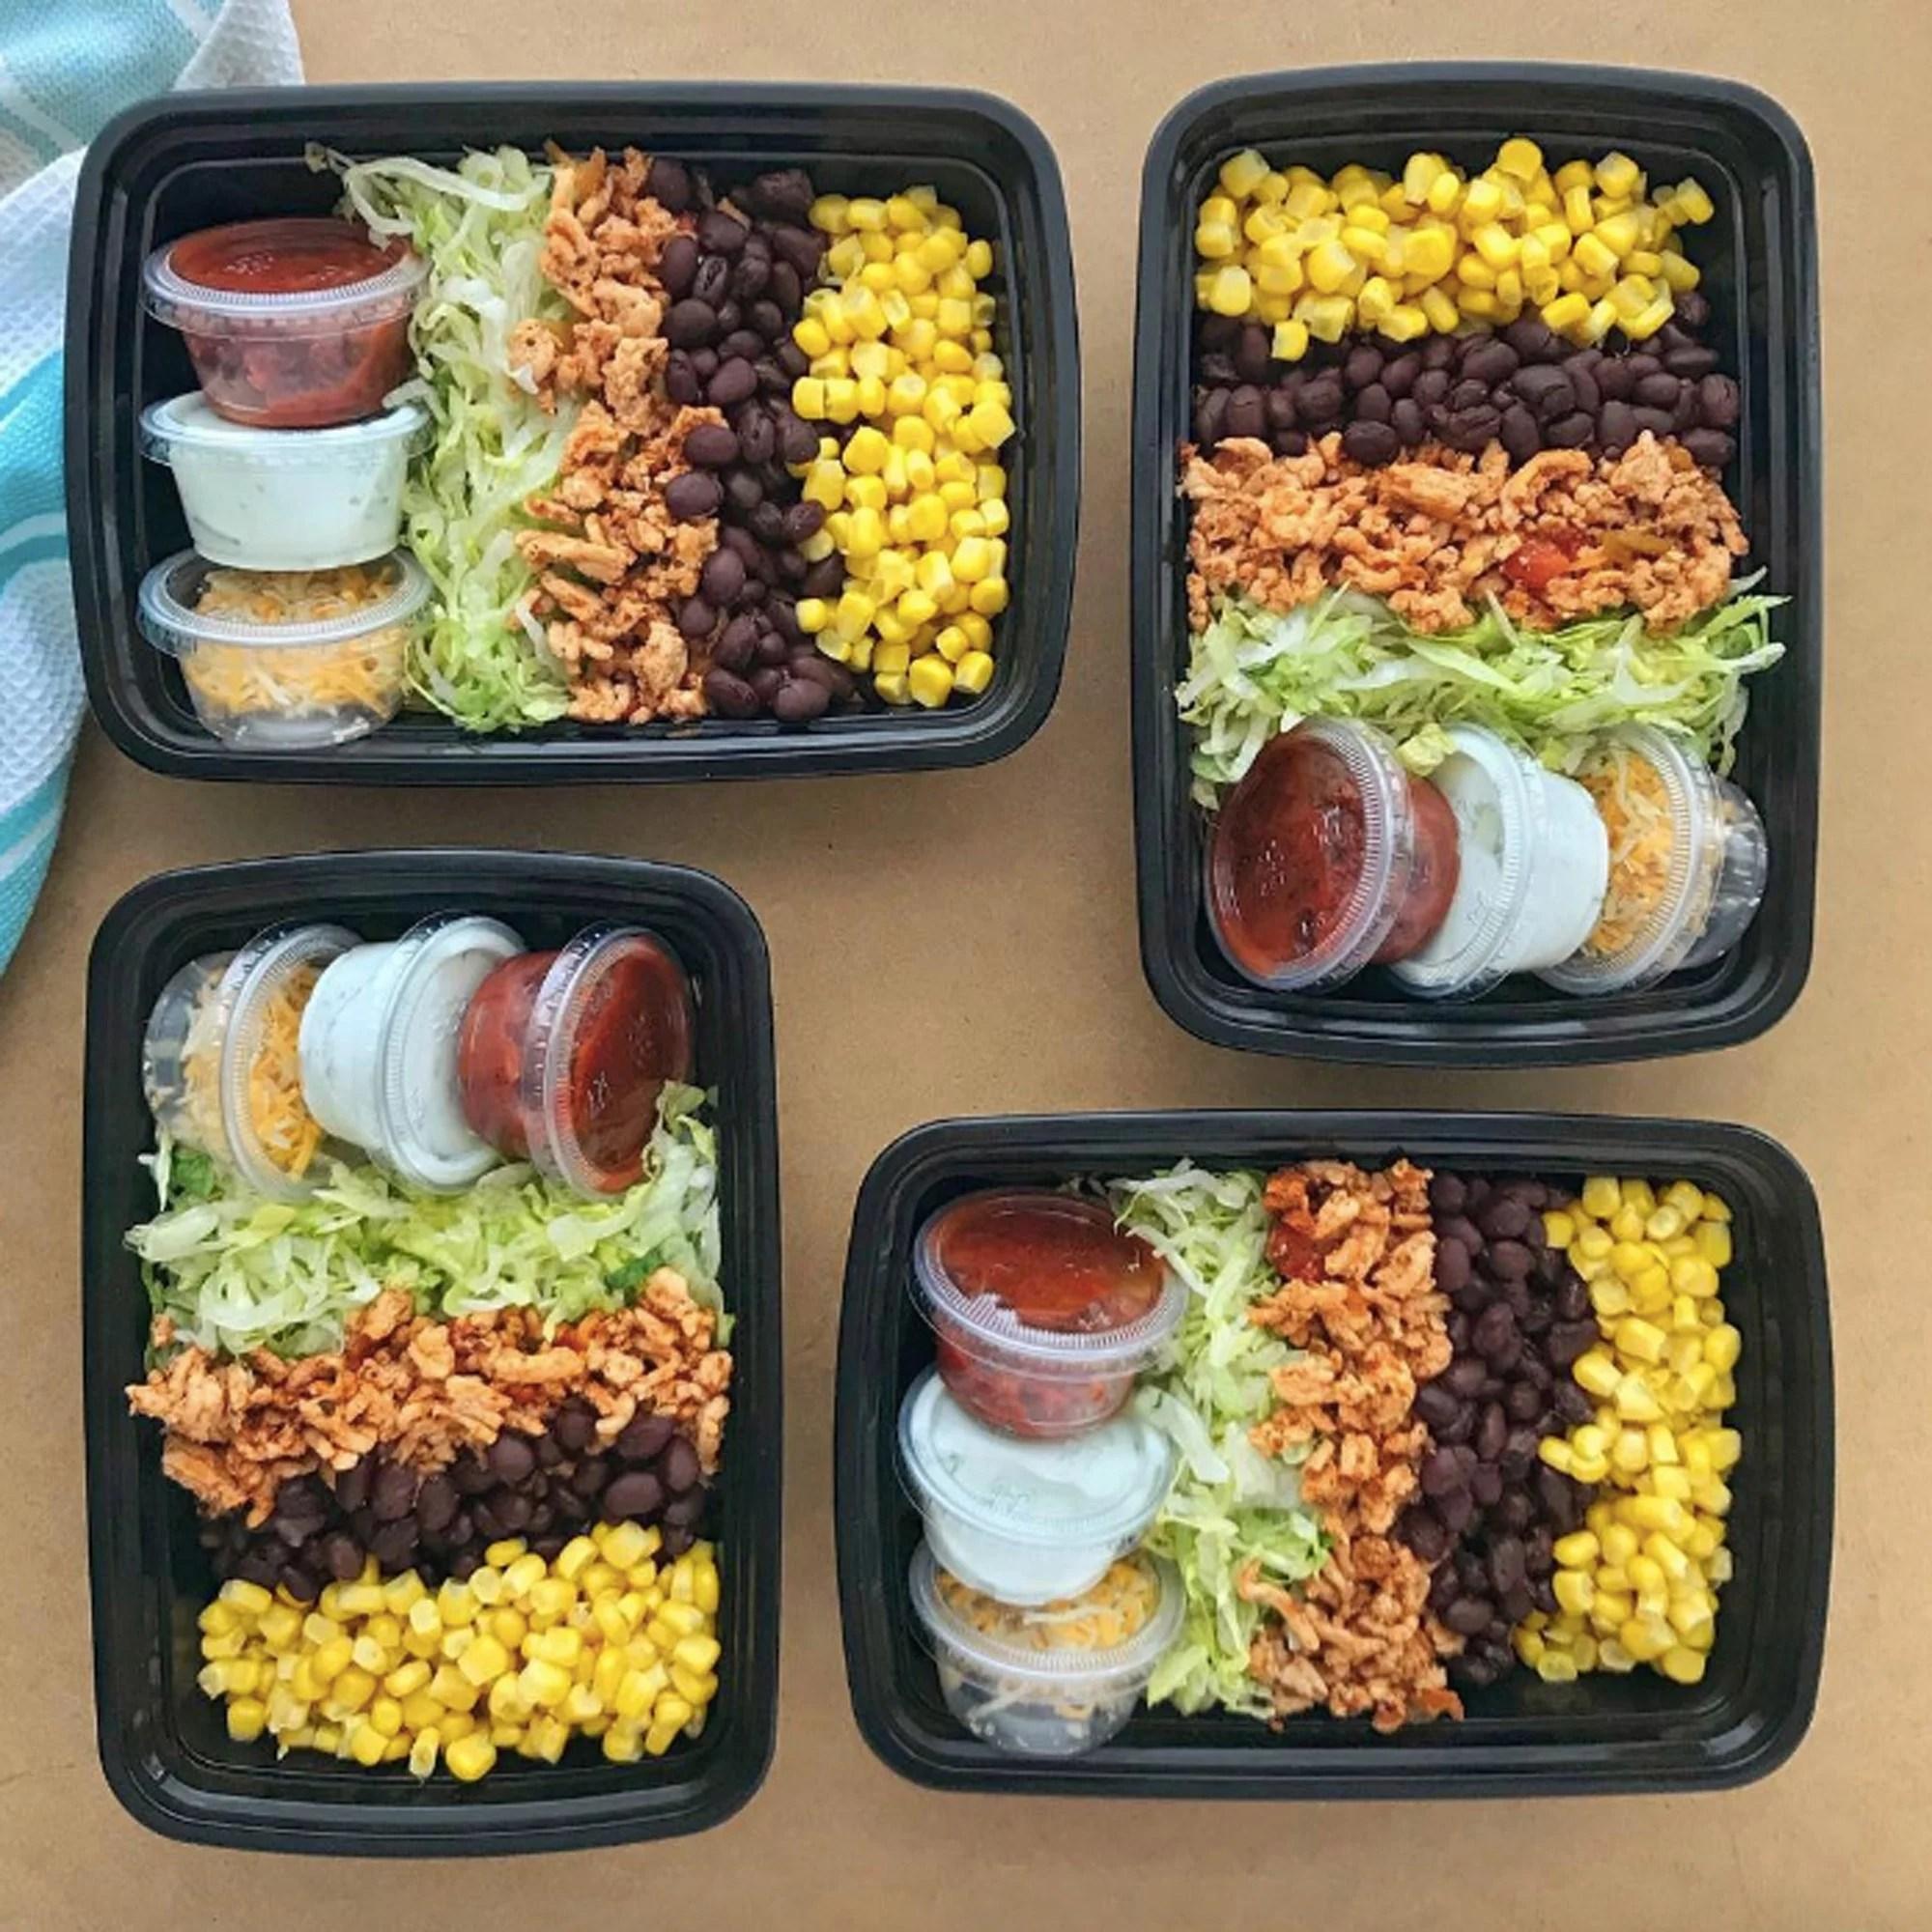 Healthy Lunch Menu Ideas